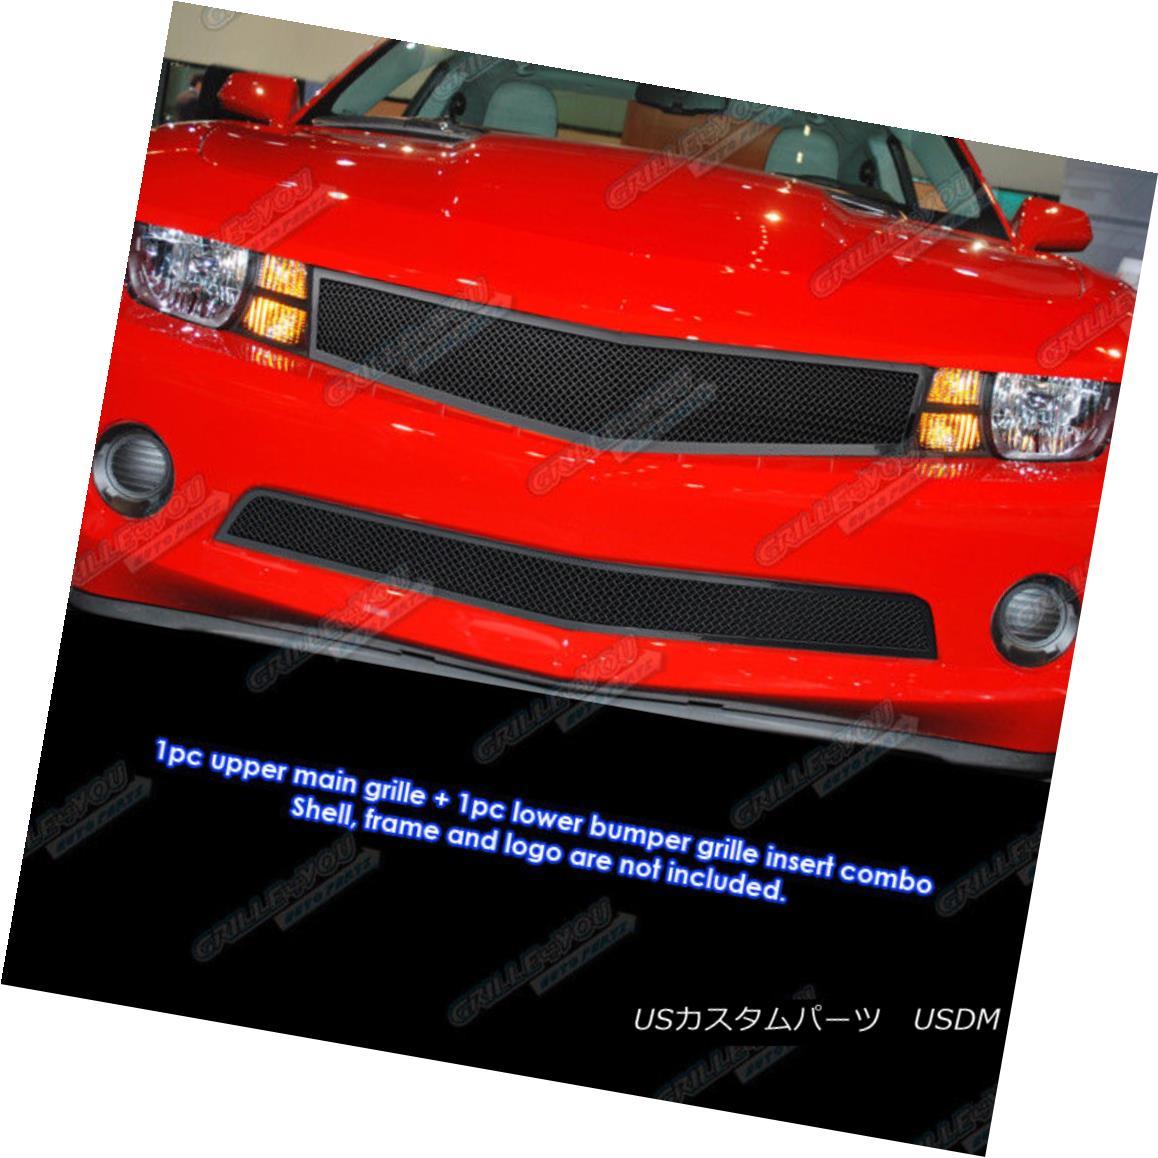 グリル Fits 2010-2013 Chevy Camaro LT/LS V6 Black Stainless Steel Mesh Grille Combo フィット2010-2013シボレーカマロLT / LS V6ブラックステンレスメッシュグリルコンボ